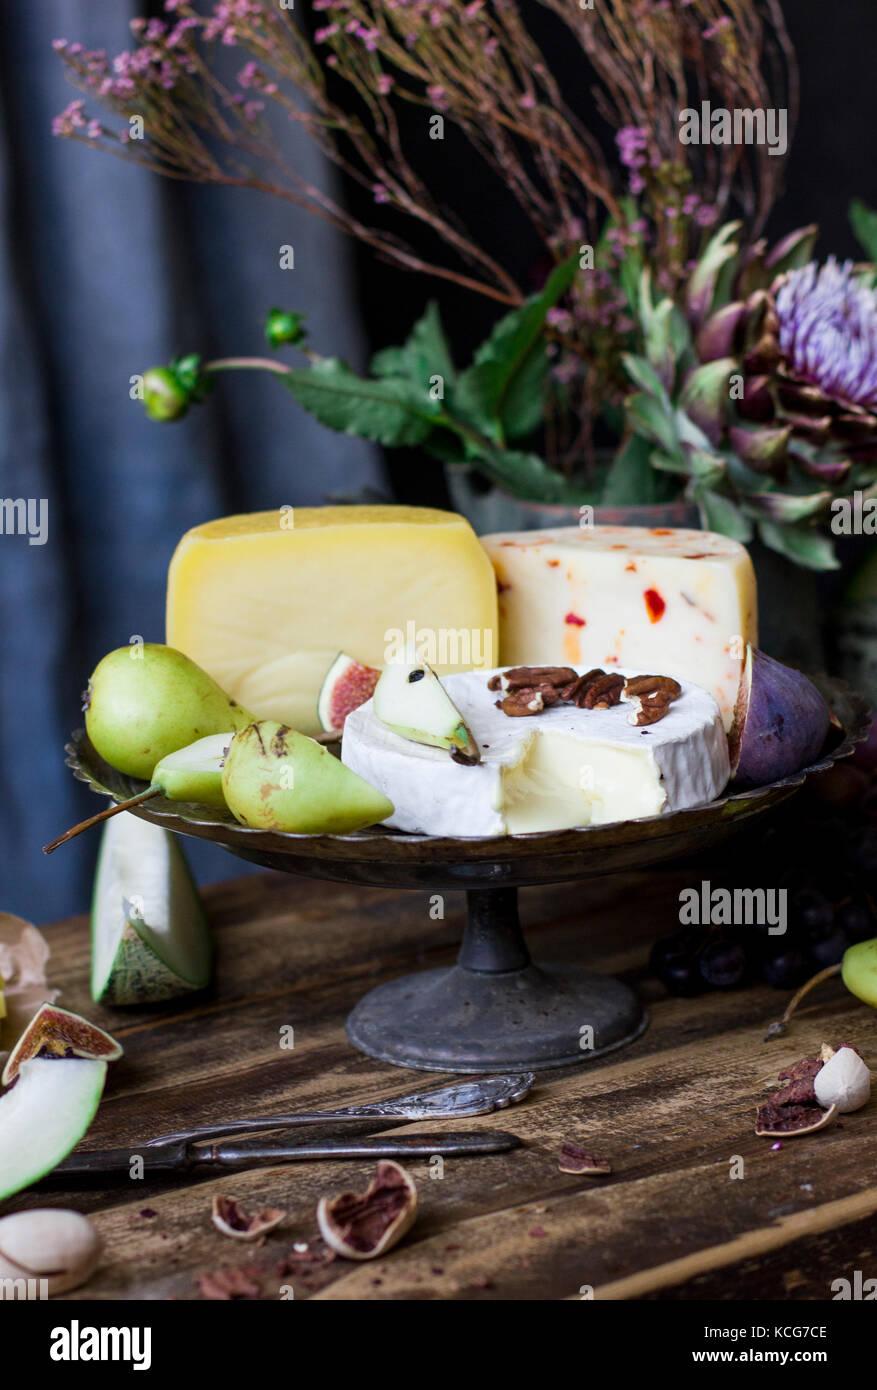 Die verschiedenen Käse, frisches Obst und Garten Blumen auf alten Holz Hintergrund Stockbild